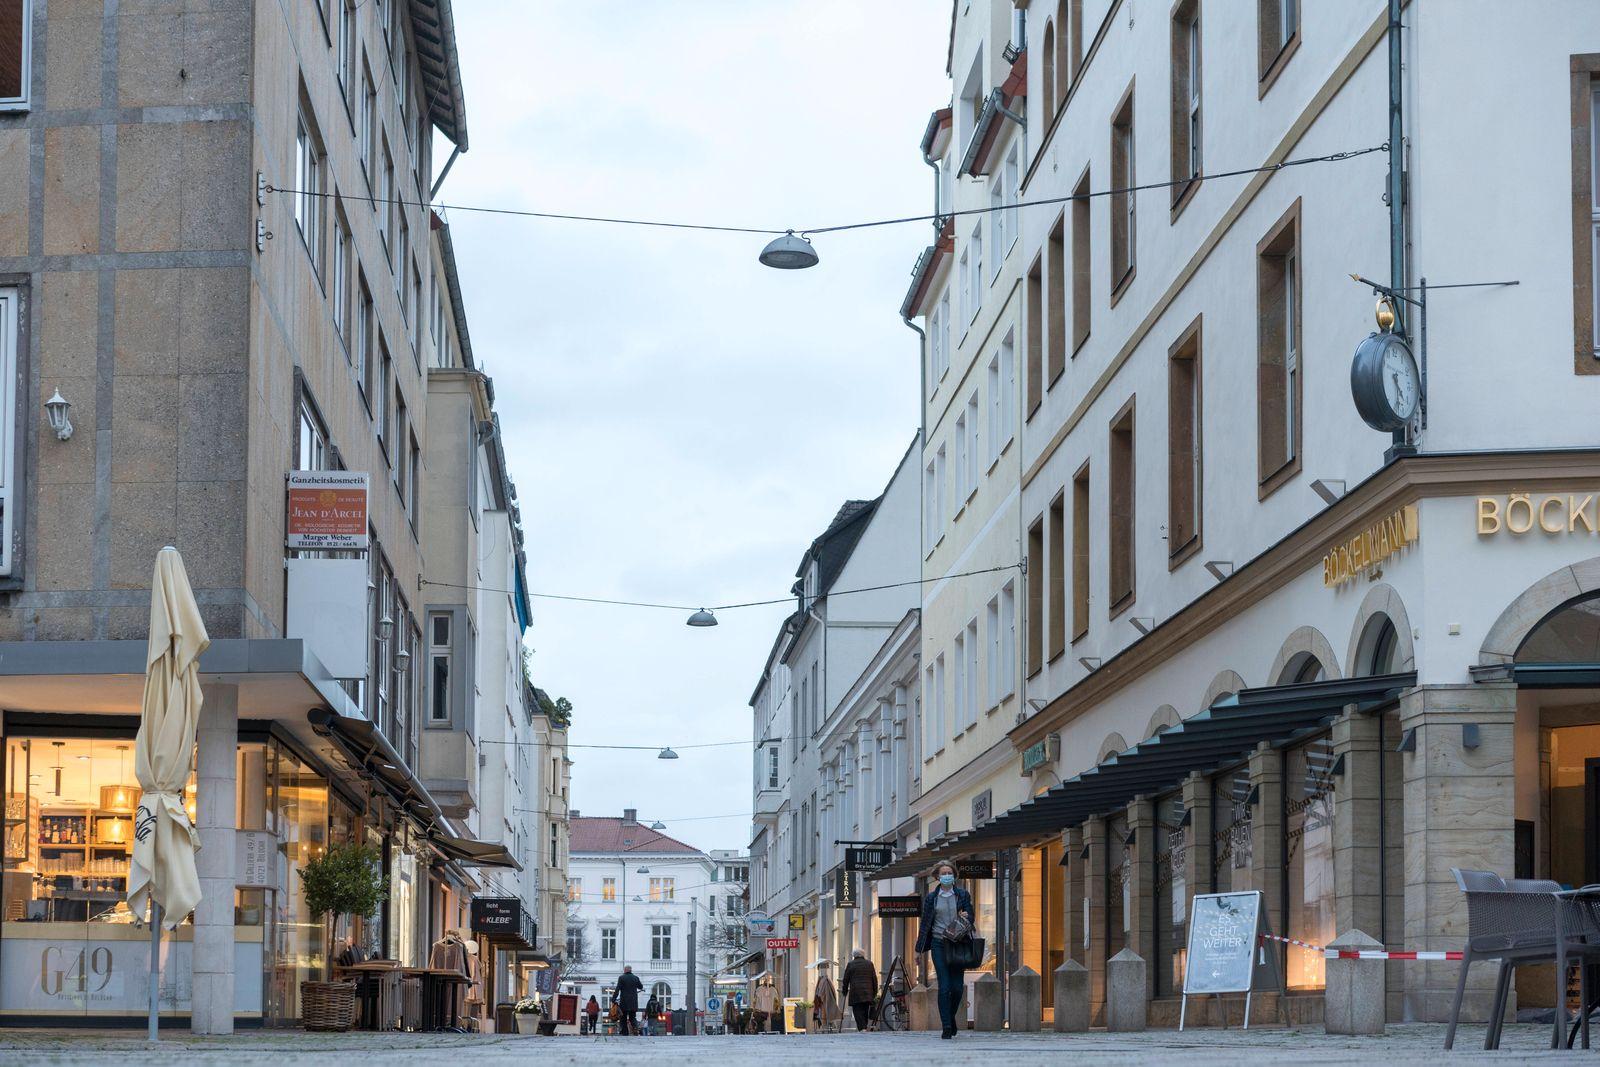 Rathausstraße Fußgänger- und Einkaufsstraße Rathausstraße in Bielefeld,shopping and pedestrian street Rathausstraße in